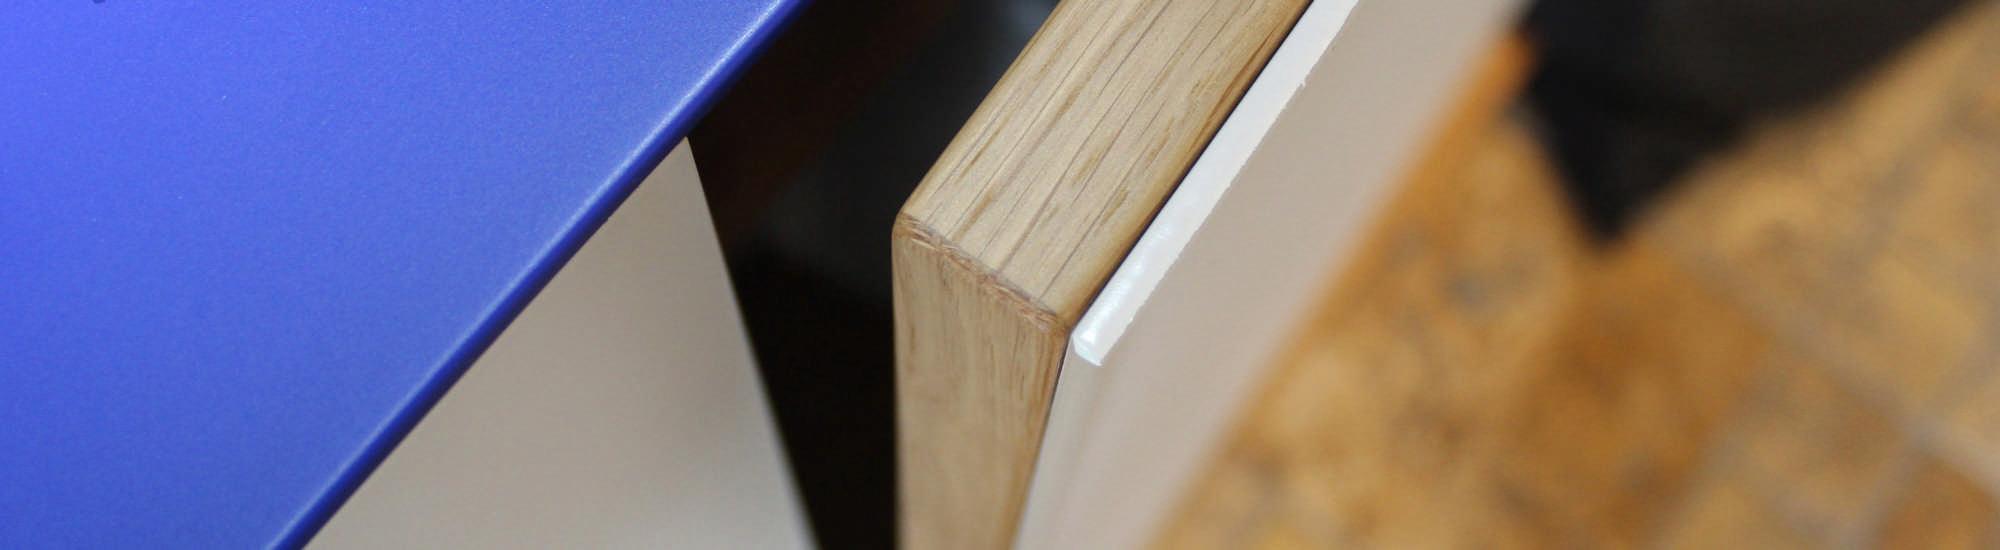 MSM Vakuumpresse Verleimung Schichtstoff Holz Glas